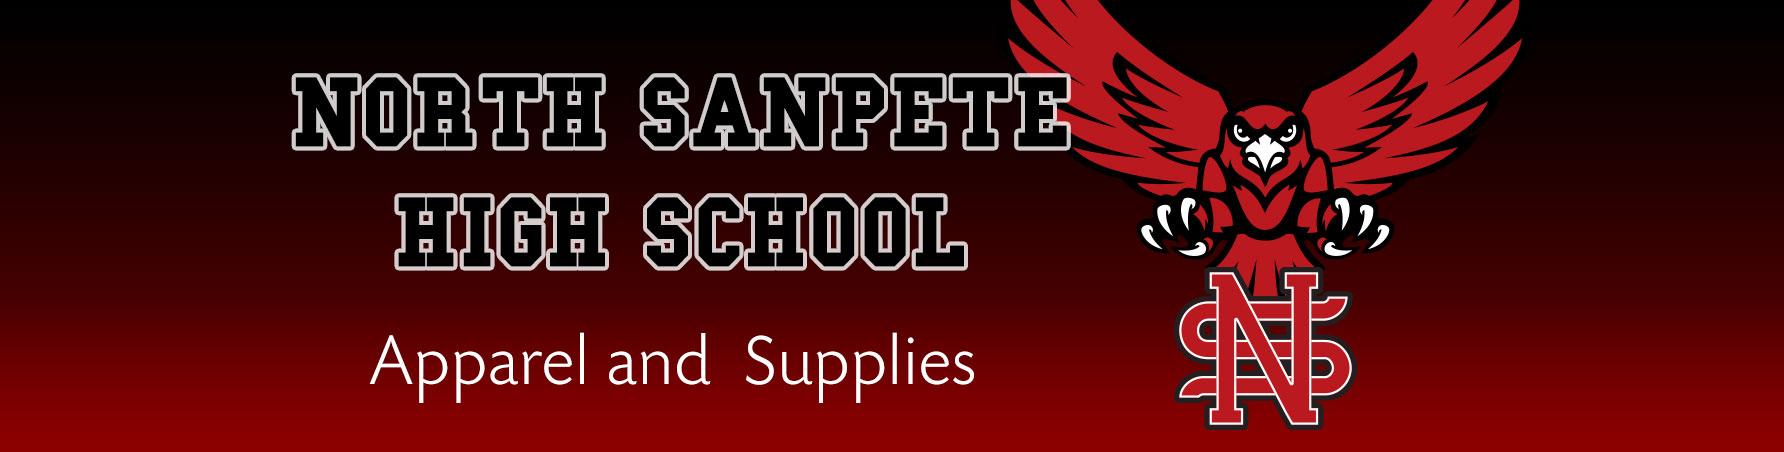 North Sanpete Store